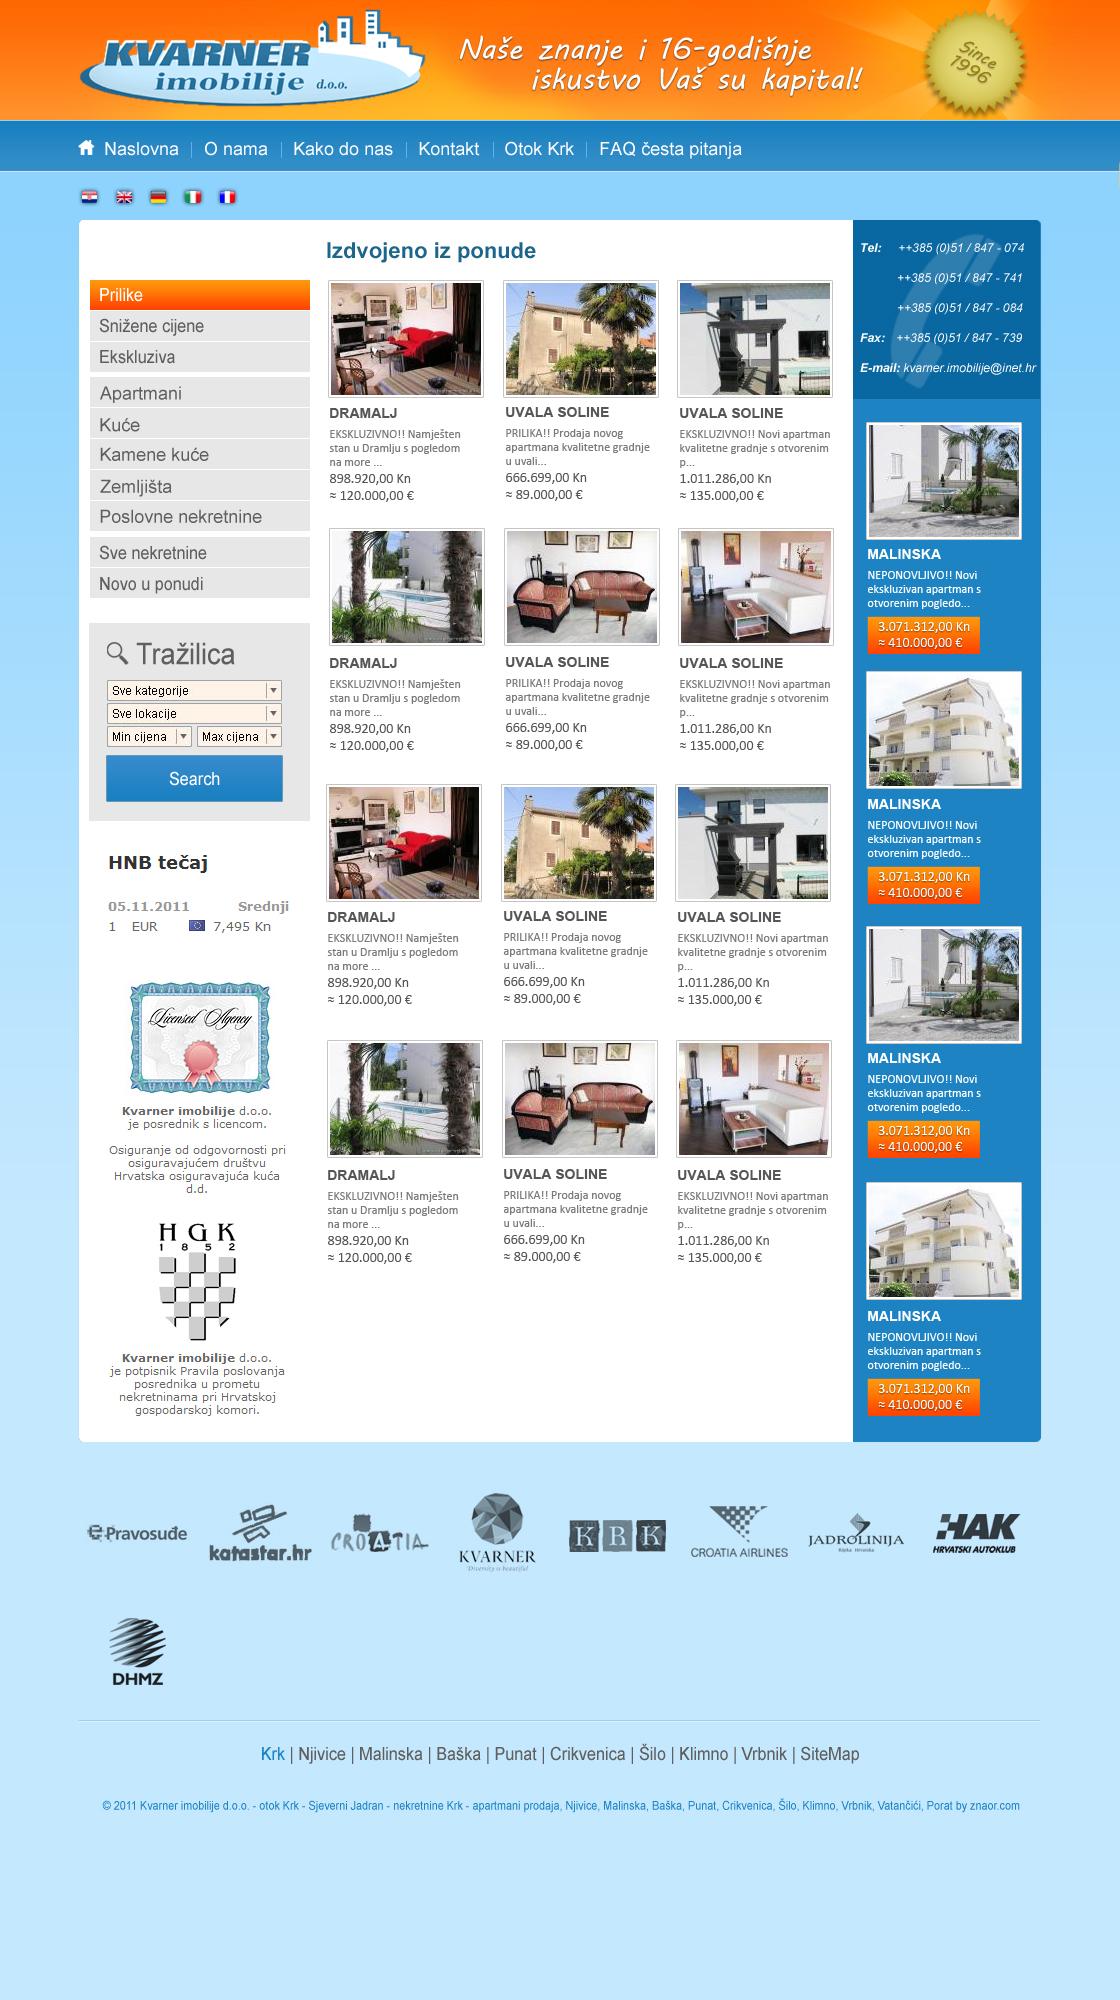 kvarner-imobilije.hr by MJ-designer